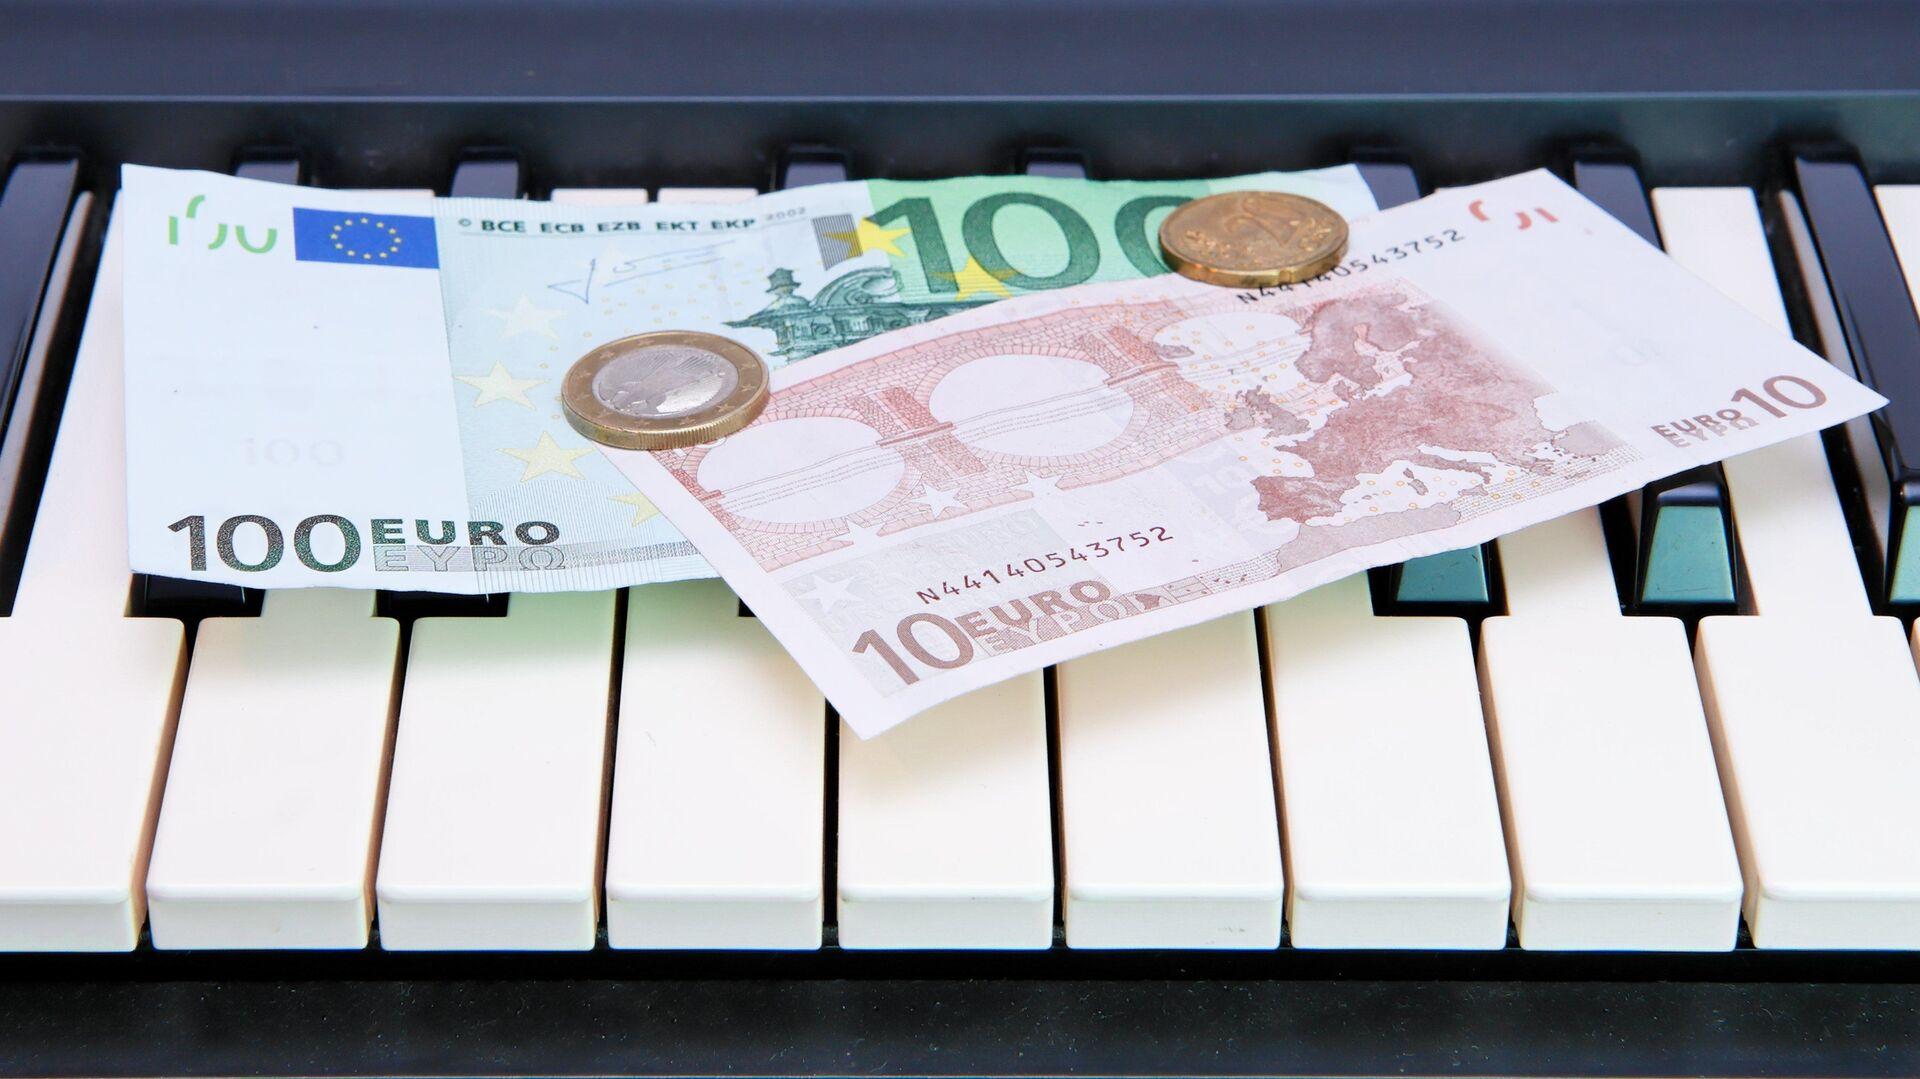 Денежные купюры евро на клавишах синтезатора - Sputnik Латвия, 1920, 14.10.2021